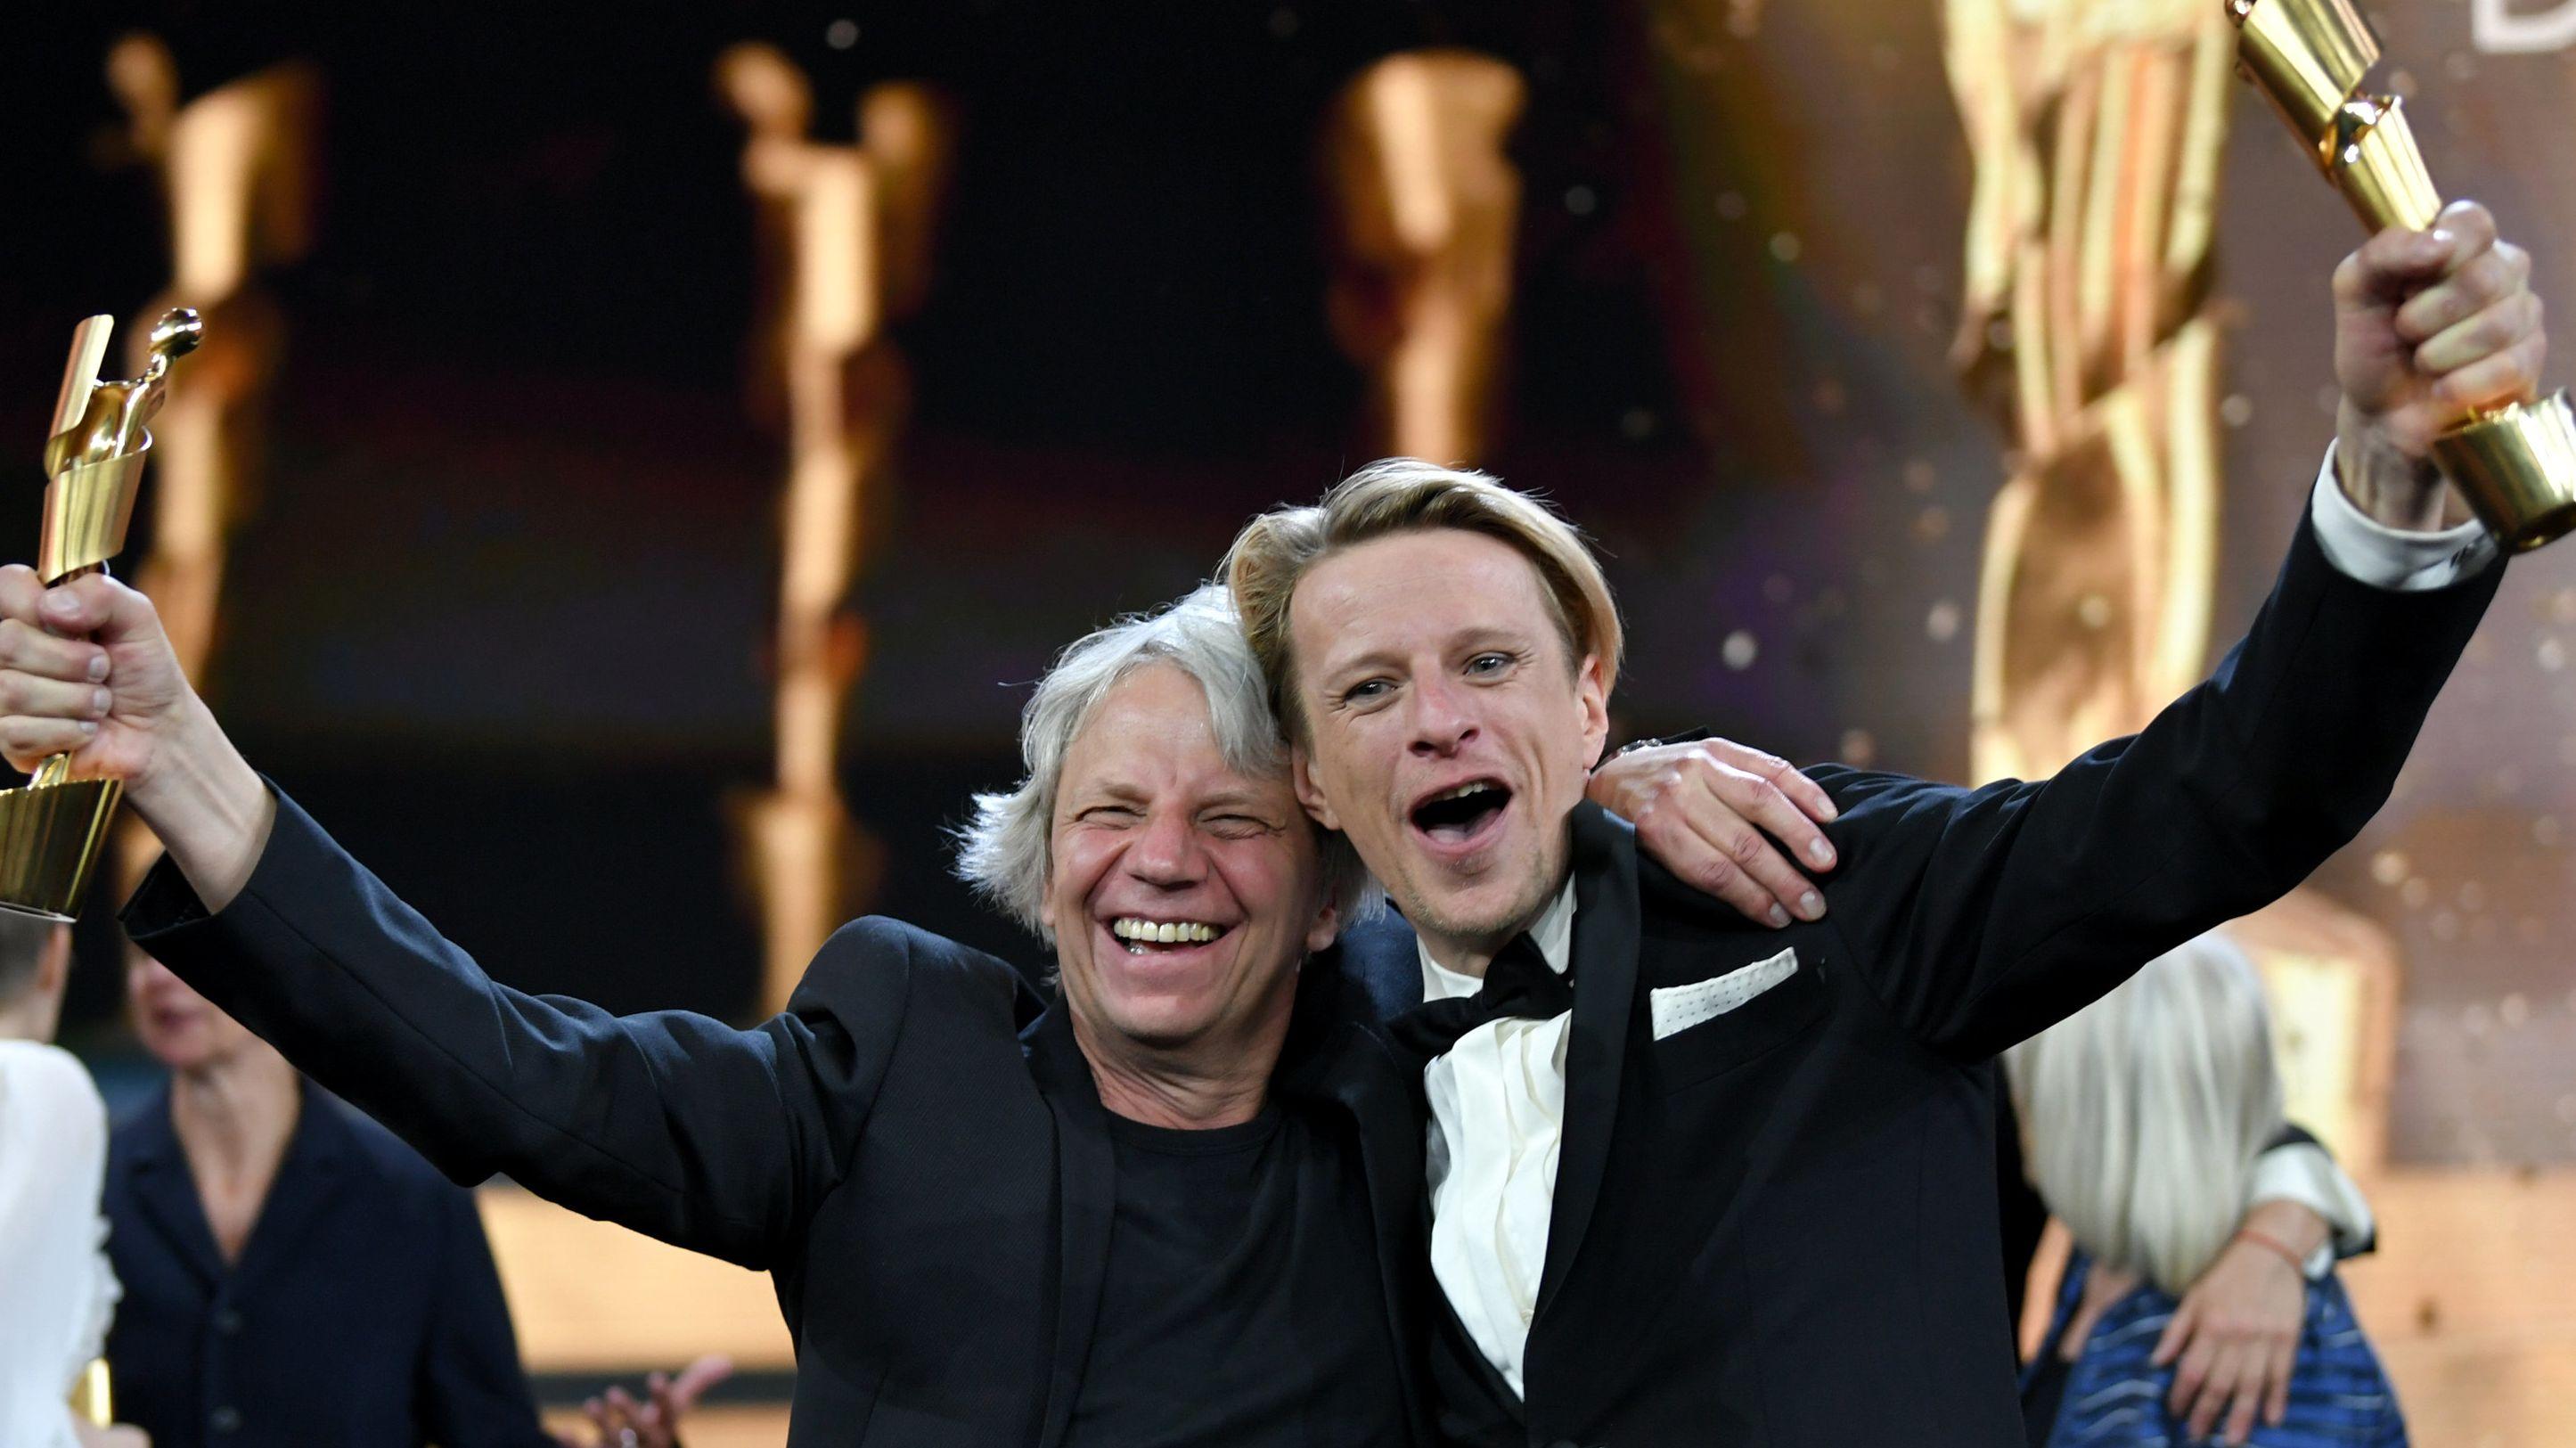 Zwei Männer halten Trophäen in der Hand und lächeln.